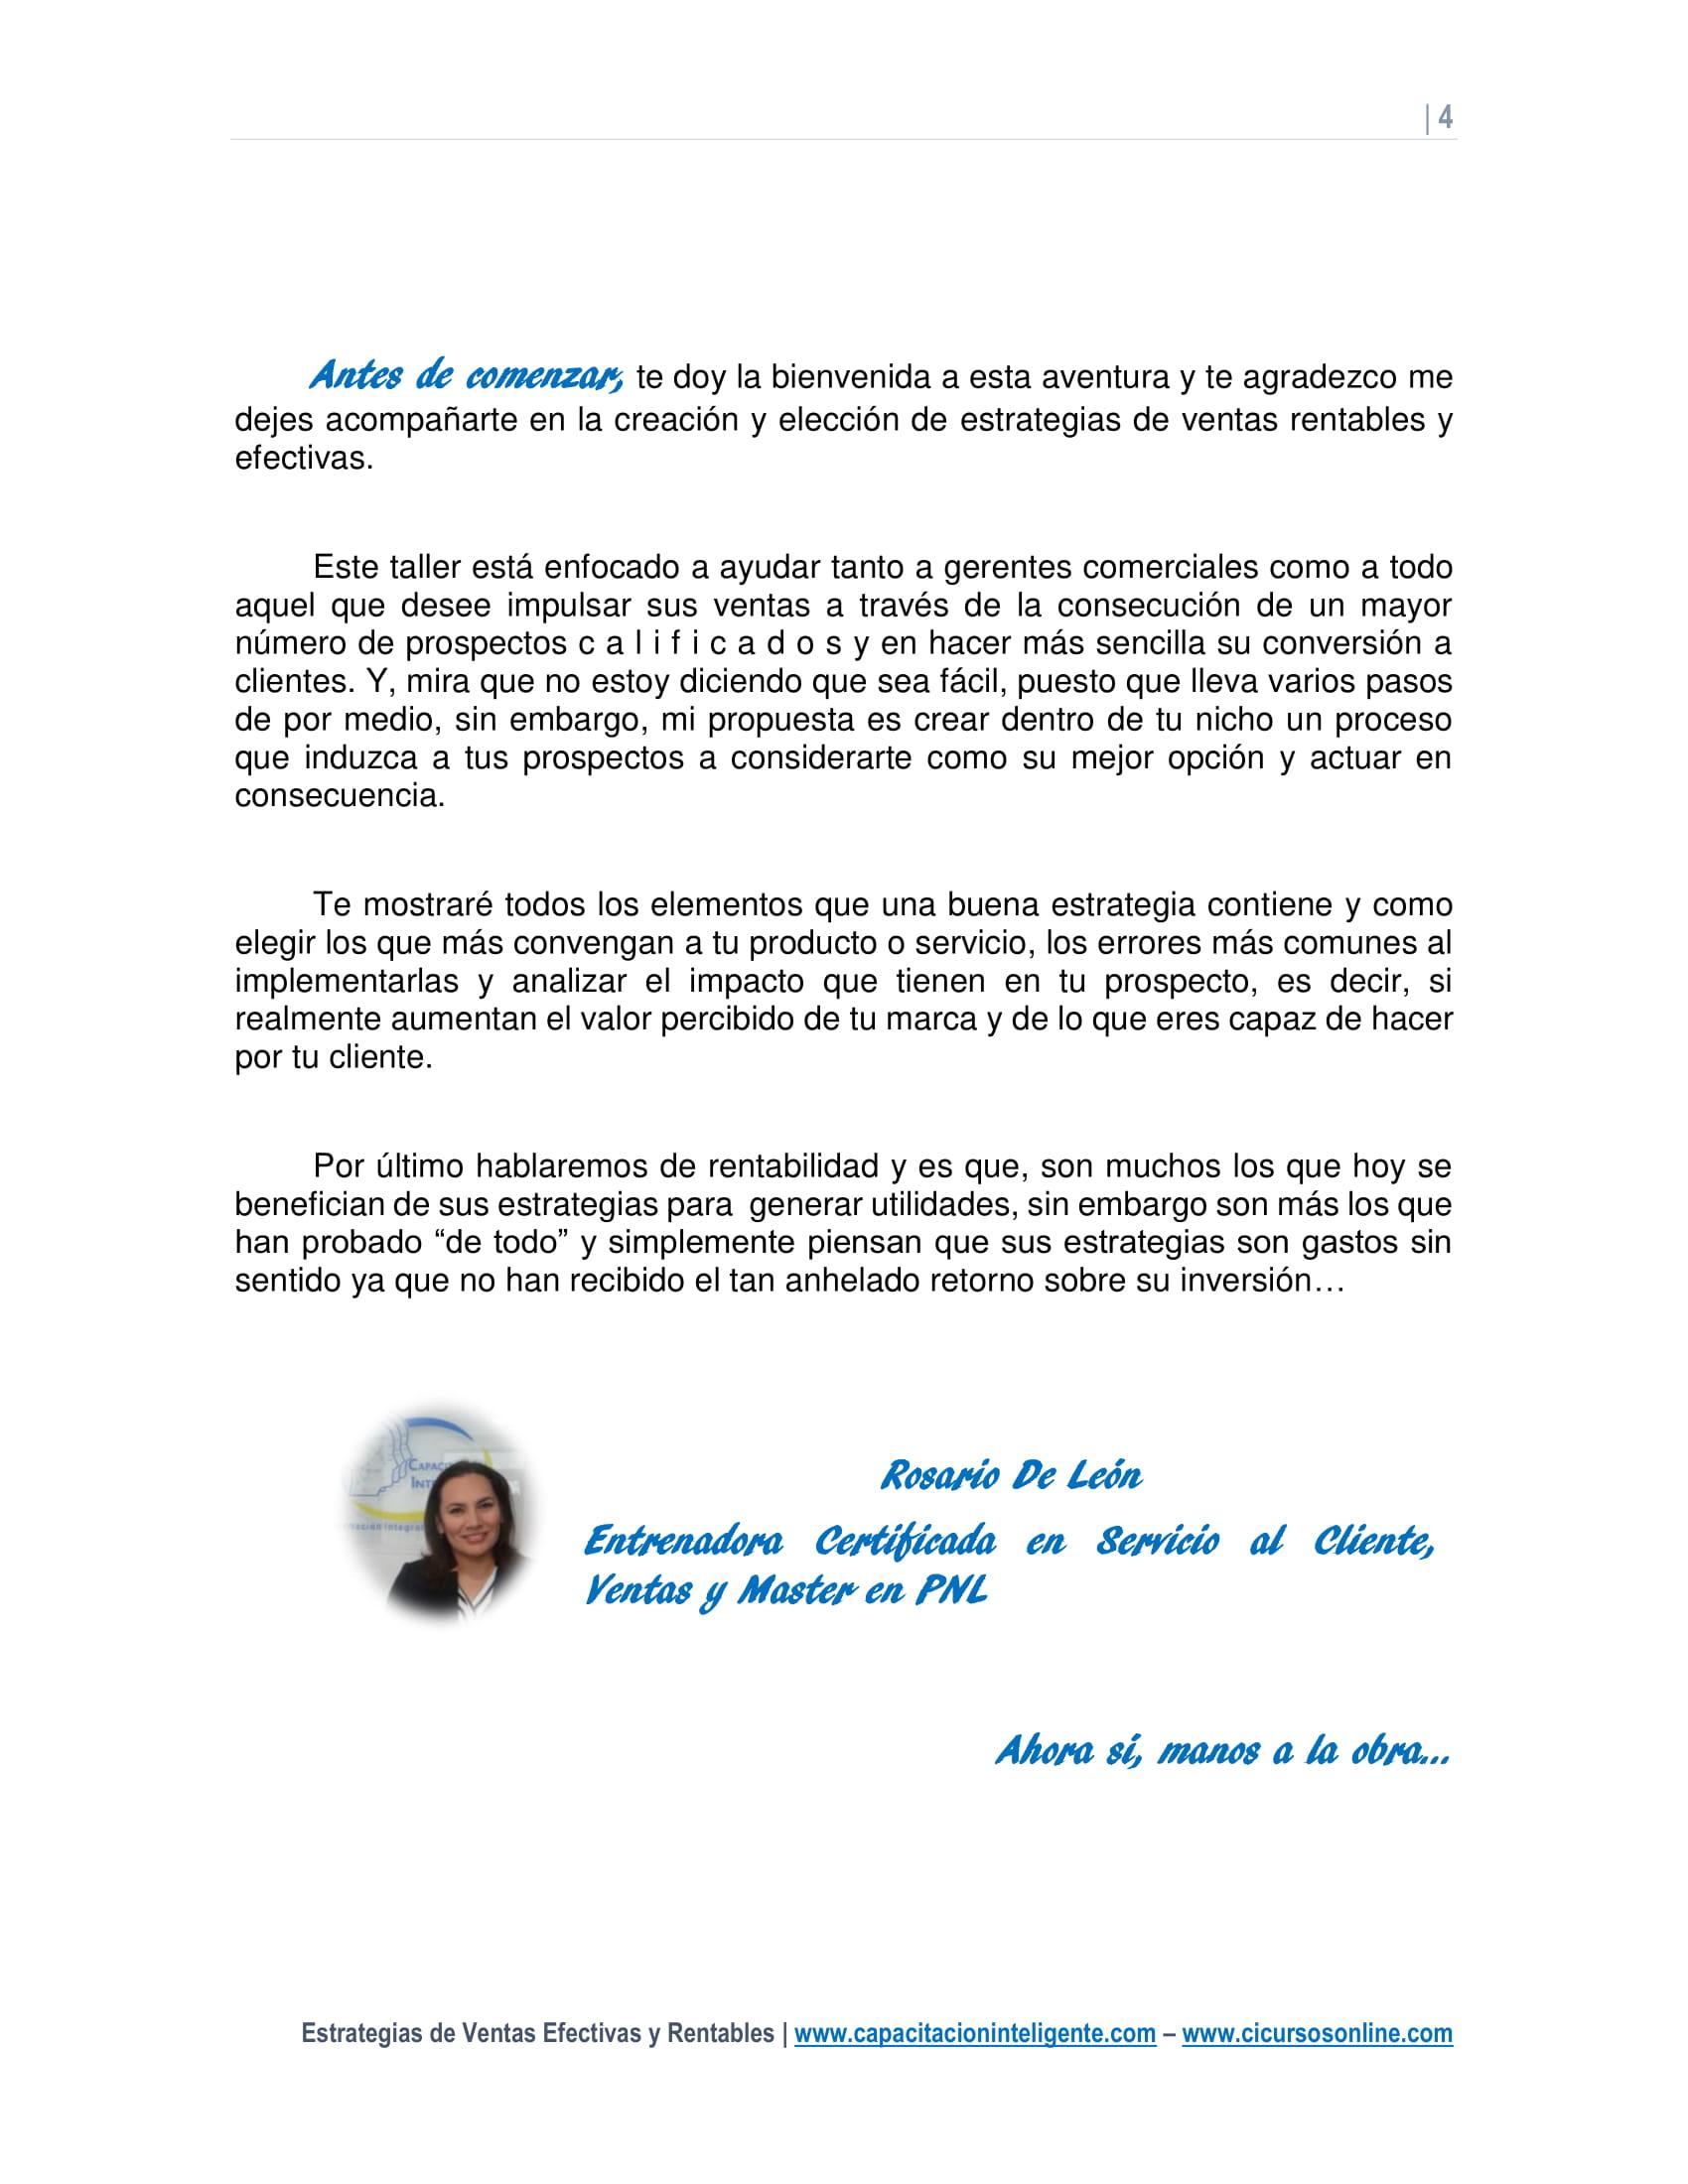 Cuaderno de Trabajo - Estrategias de ventas efectivas y rentables-04